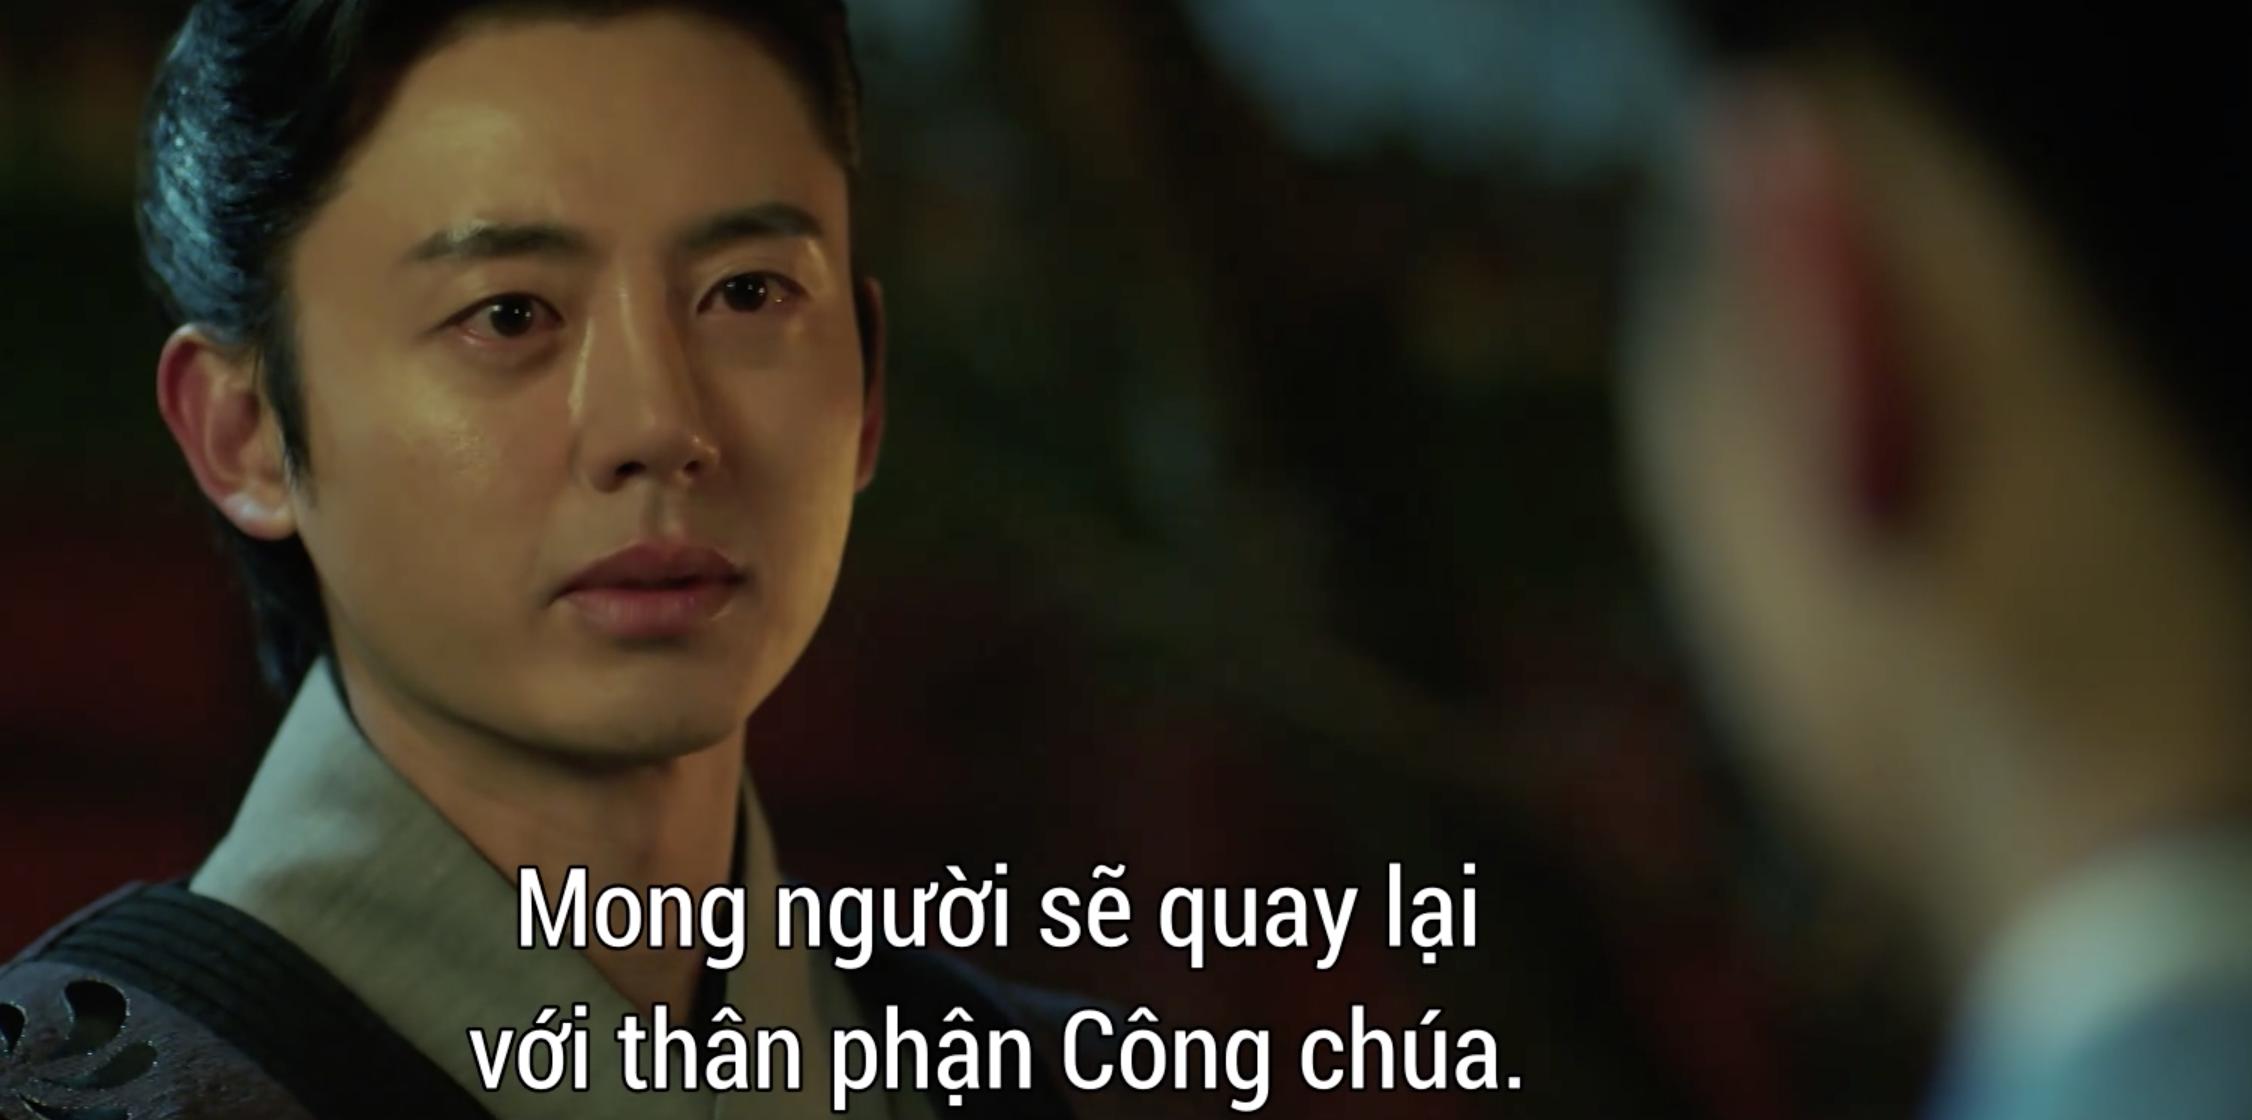 Vừa mới dẫn Kim So Hyun về ra mắt, Ji Soo phát hiện crush là kẻ gián tiếp giết cha ở Sông Đón Trăng Lên? - Ảnh 3.